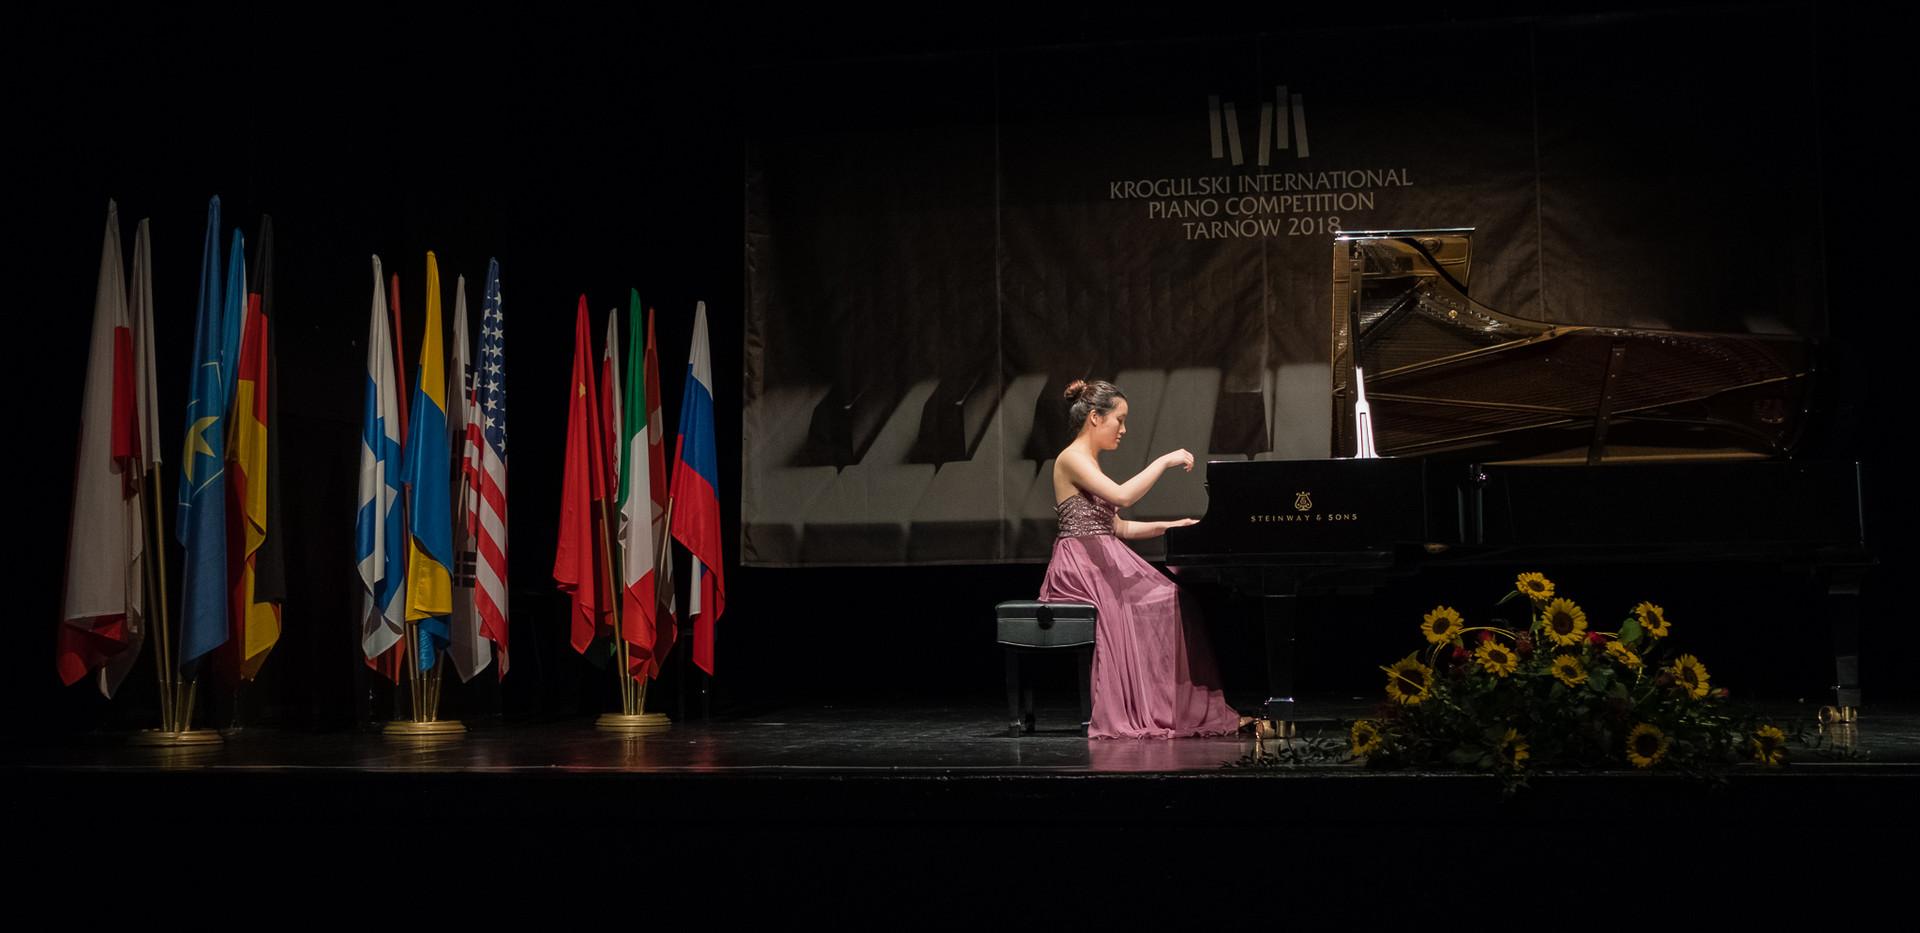 """Jingfang Tan,  Chiny - Nagroda Specjalna Prezydenta Tarnowa za najlepsze wykonanie utworów J.W.Krogulskiego,  Kategoria """"Mistrzowie Fortepianu"""""""